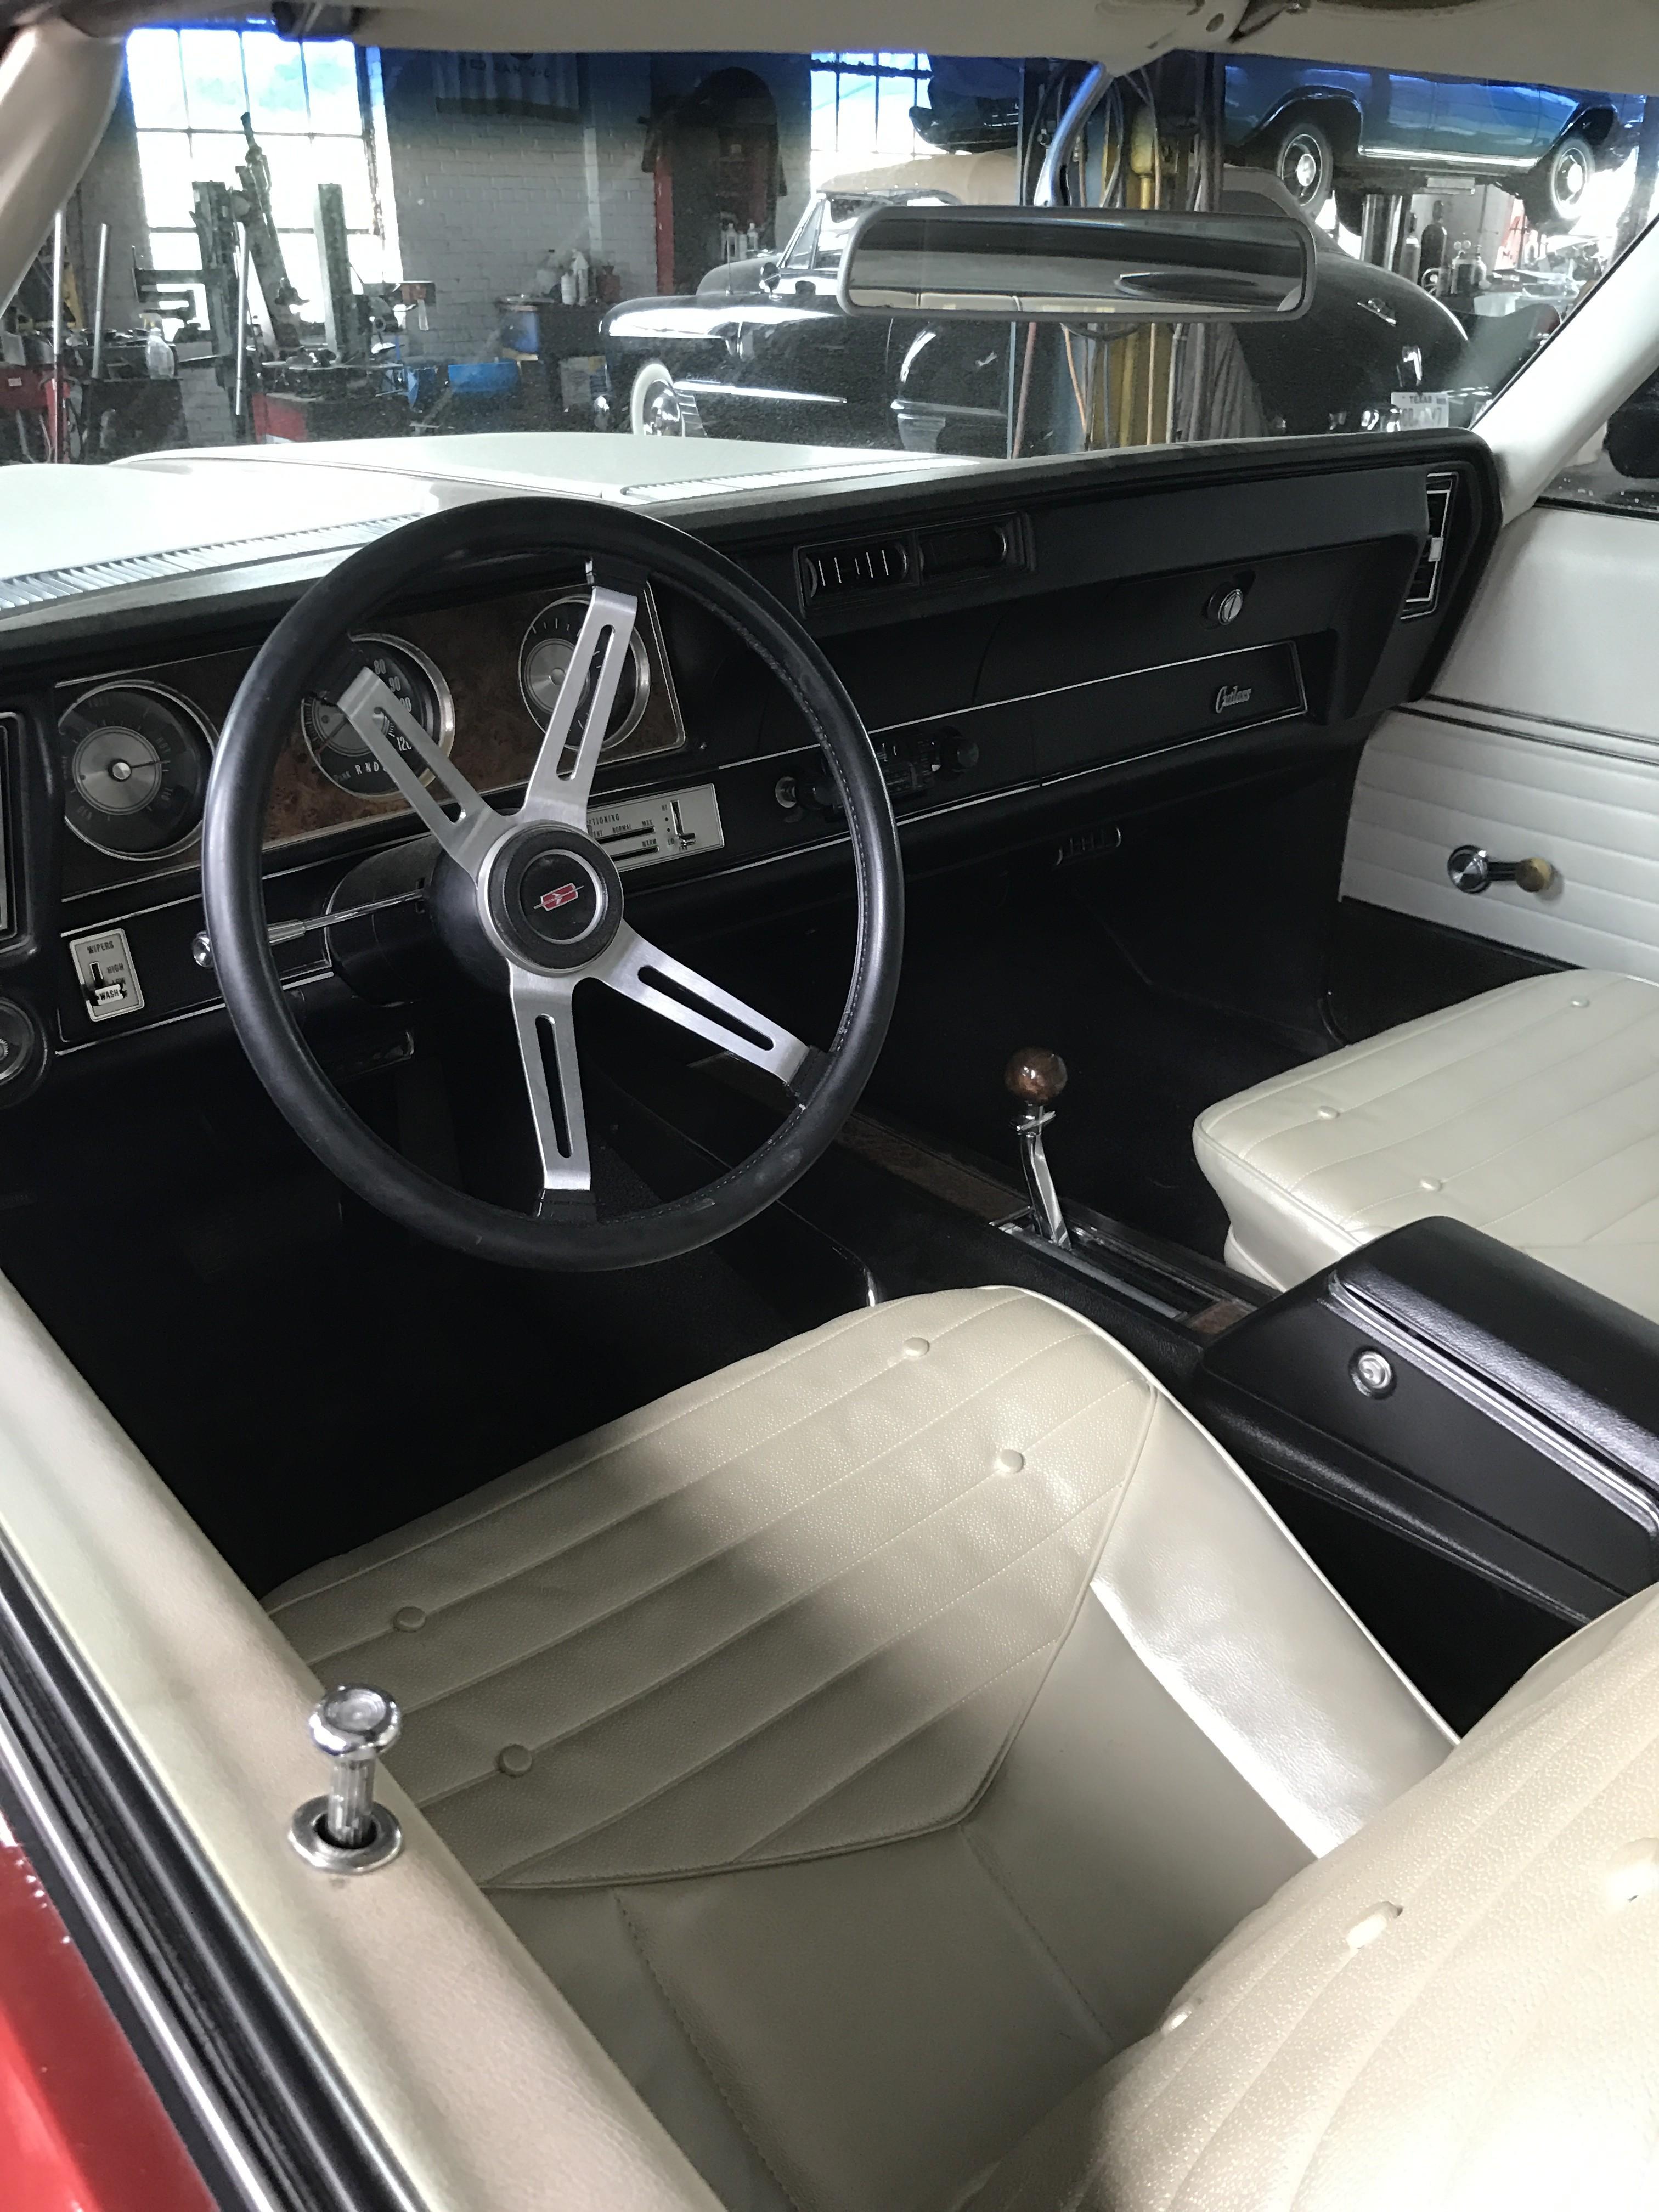 Oldsmobile cutlass supreme hardtop coupe 1970